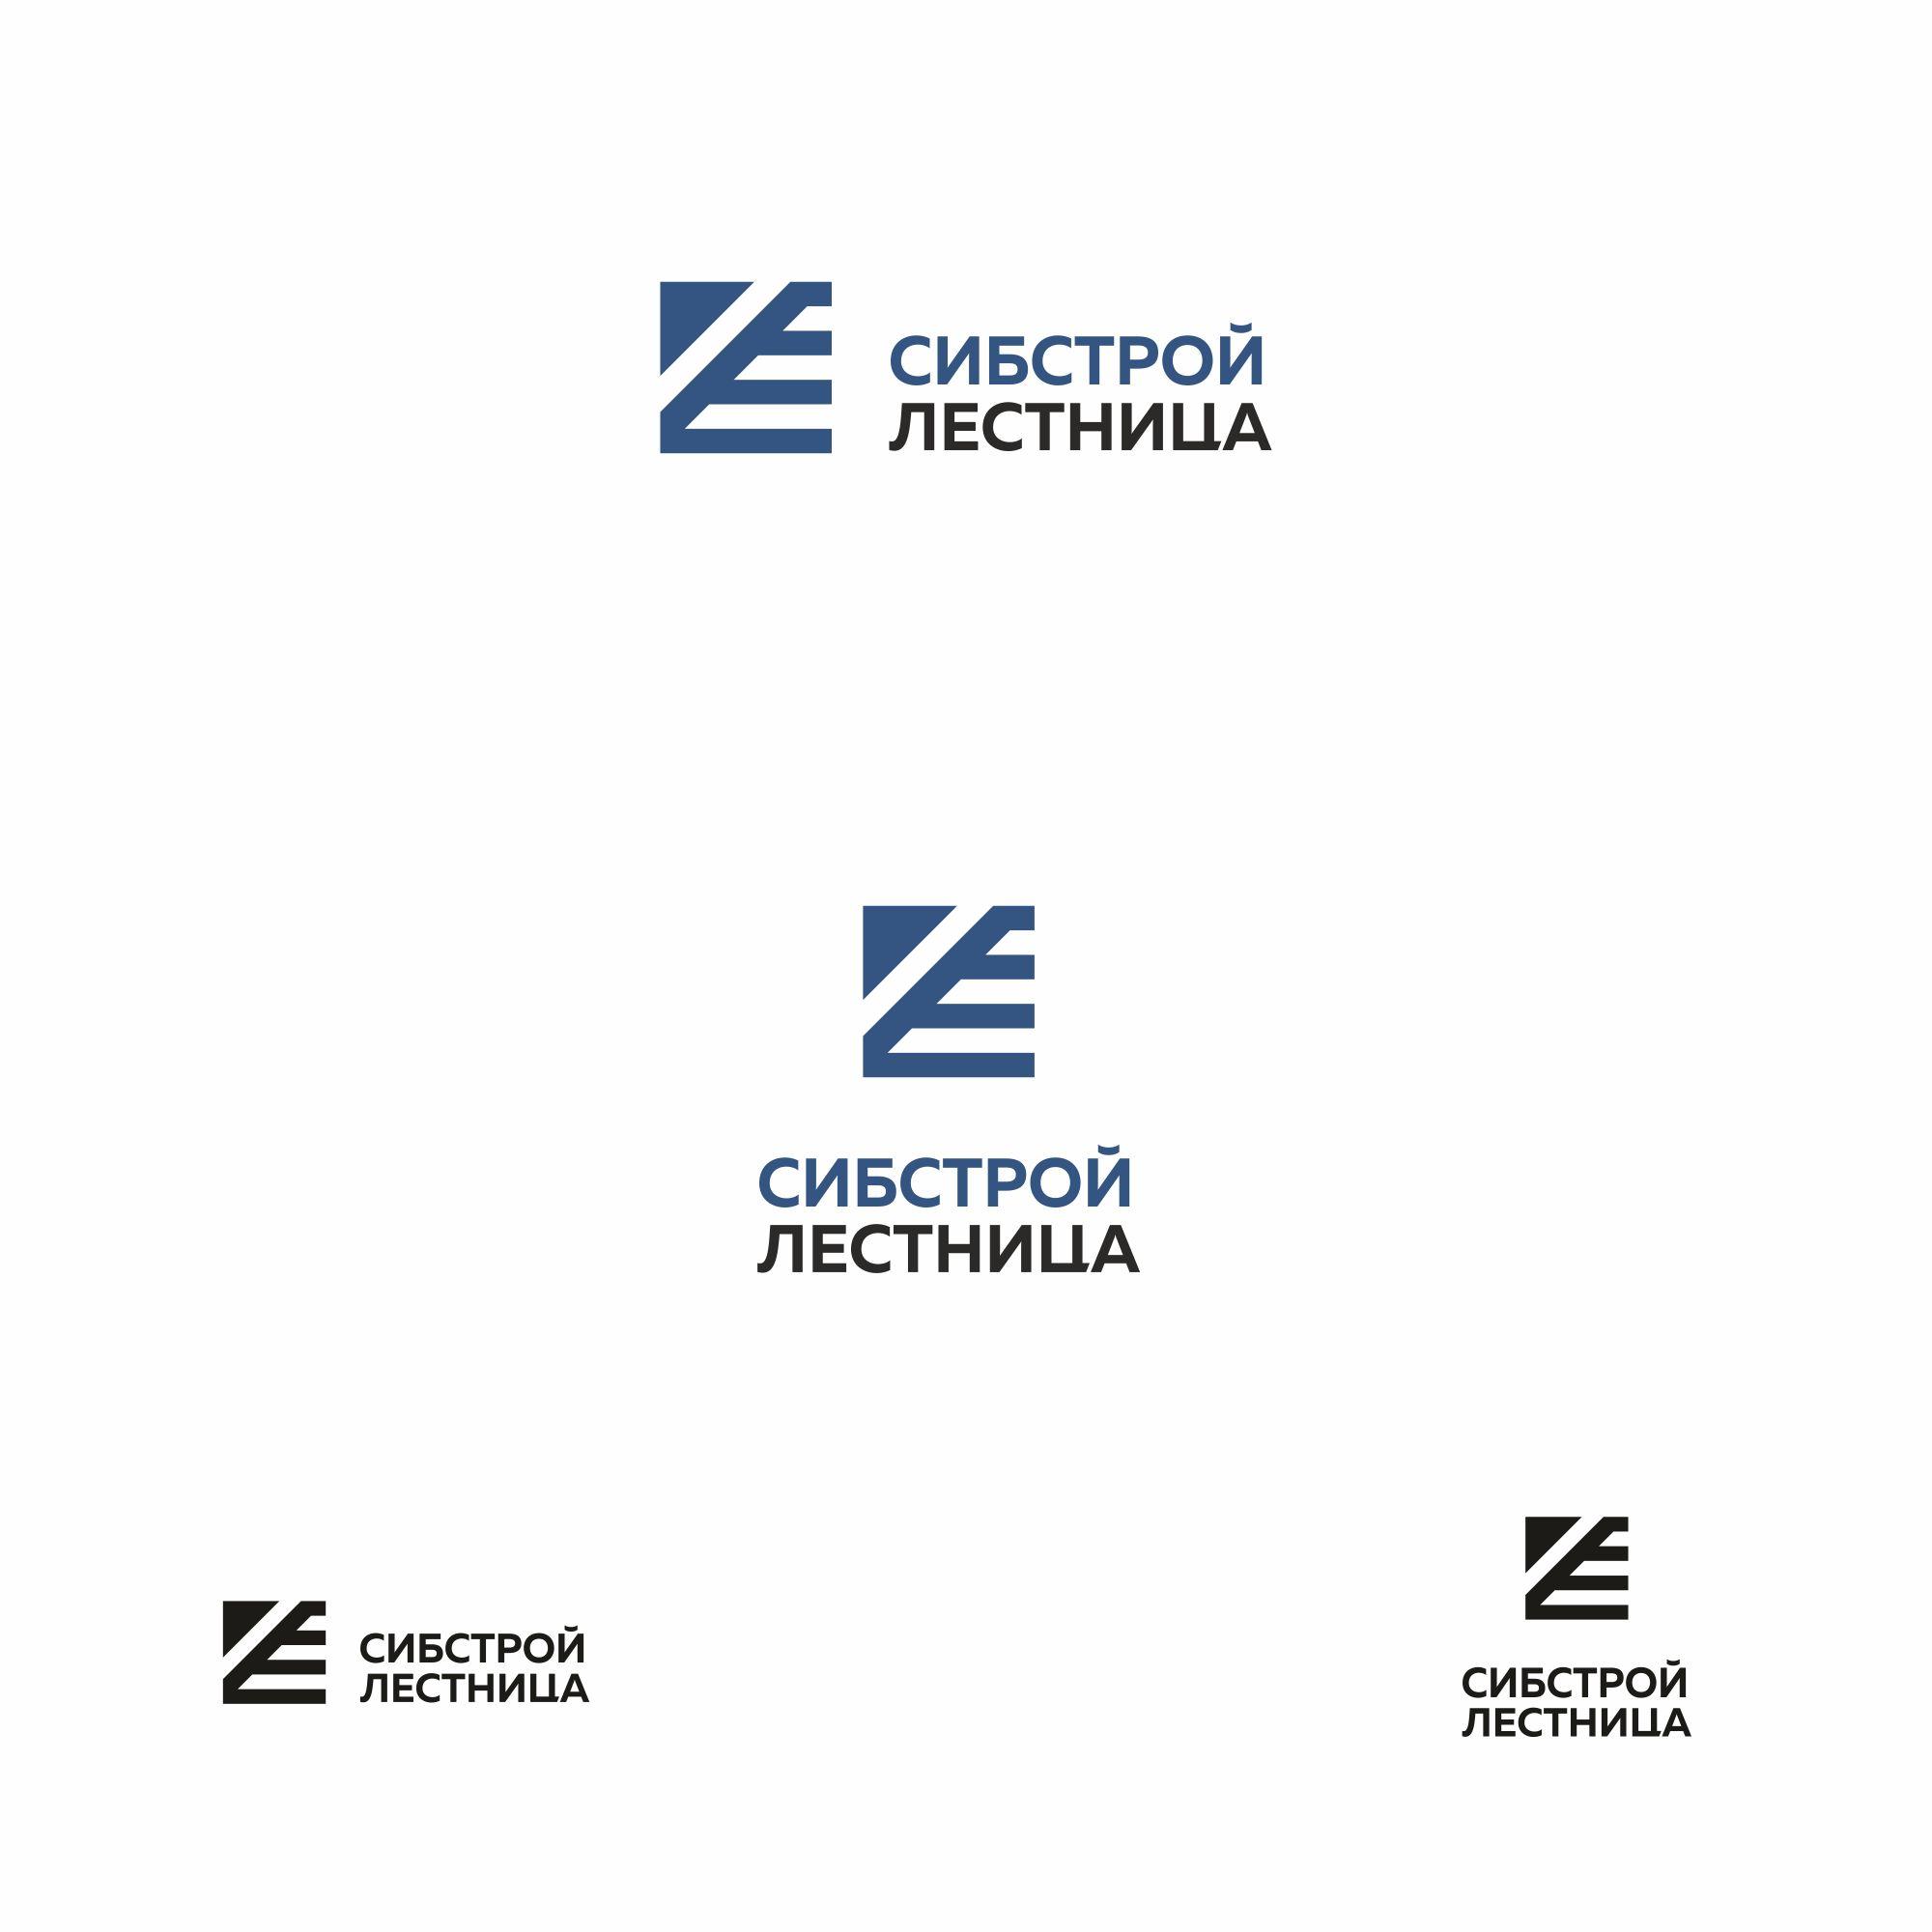 ФС по эскизу логотипа для